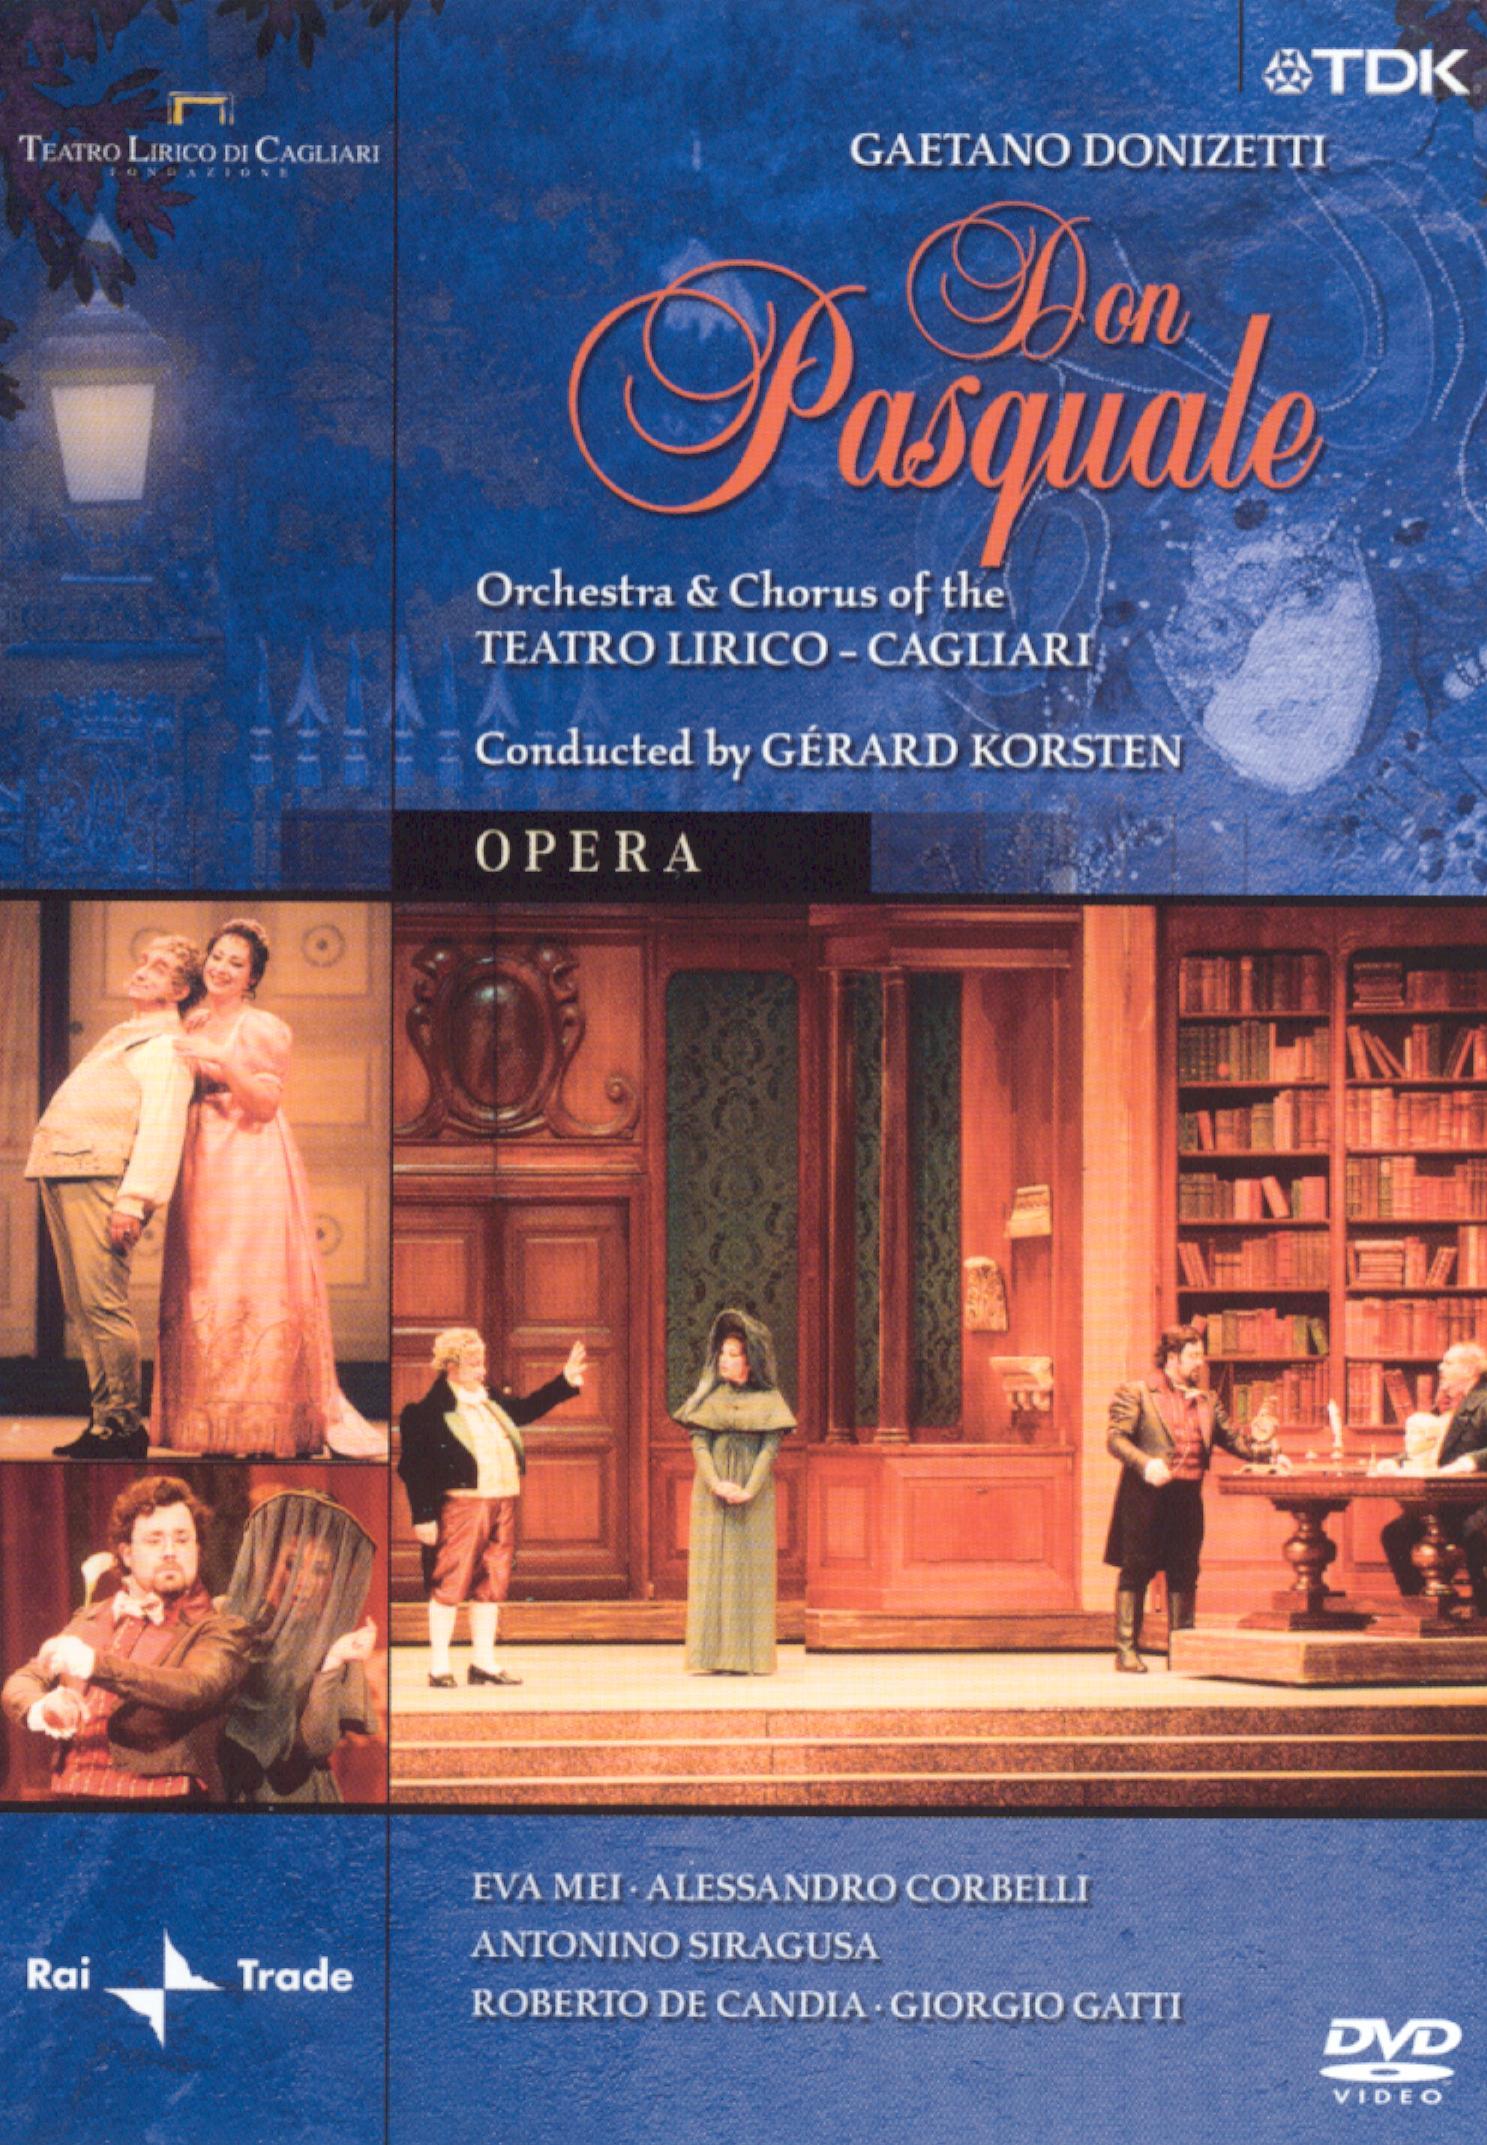 Don Pasquale (Teatro Lirico di Cagliari)